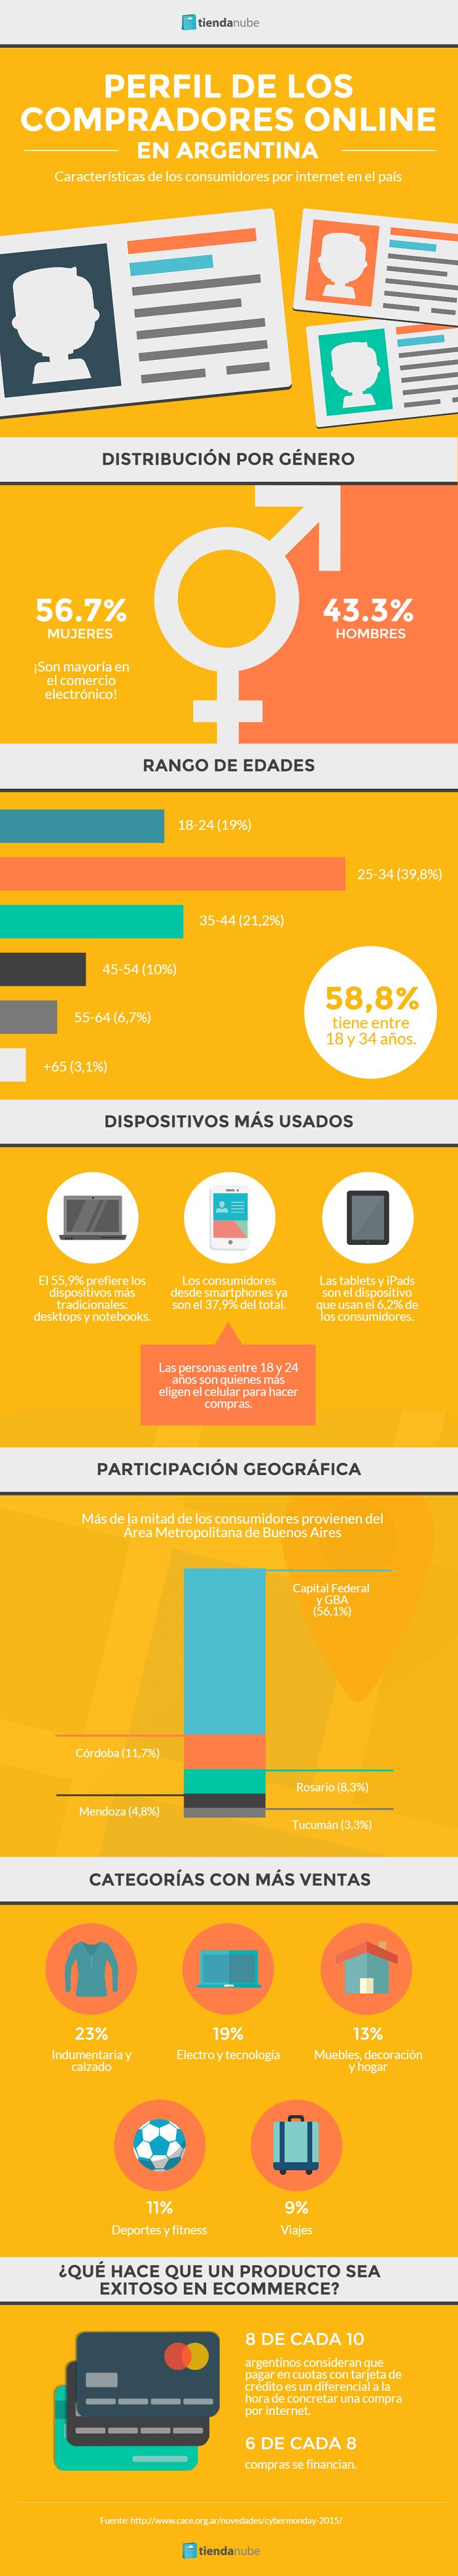 Cómo son los compradores online argentinos